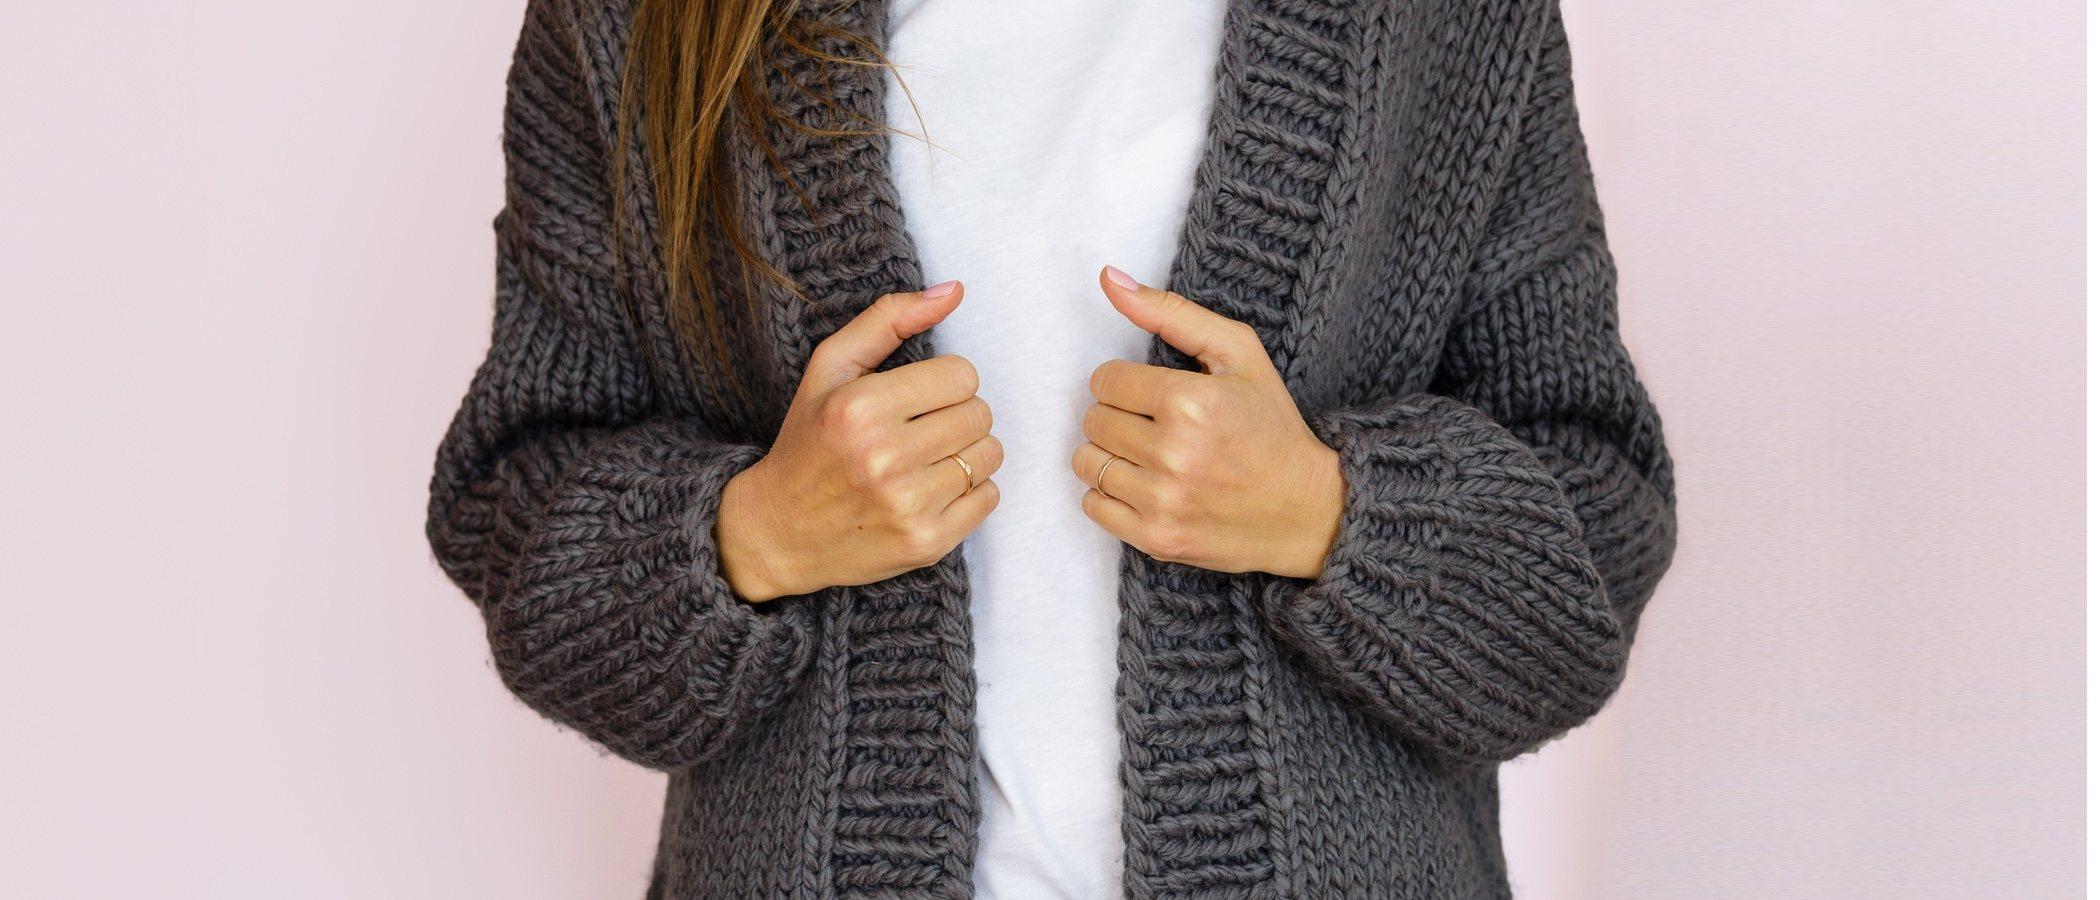 Cárdigans o chaquetas de abuela: así es como hay que llevarlas ahora